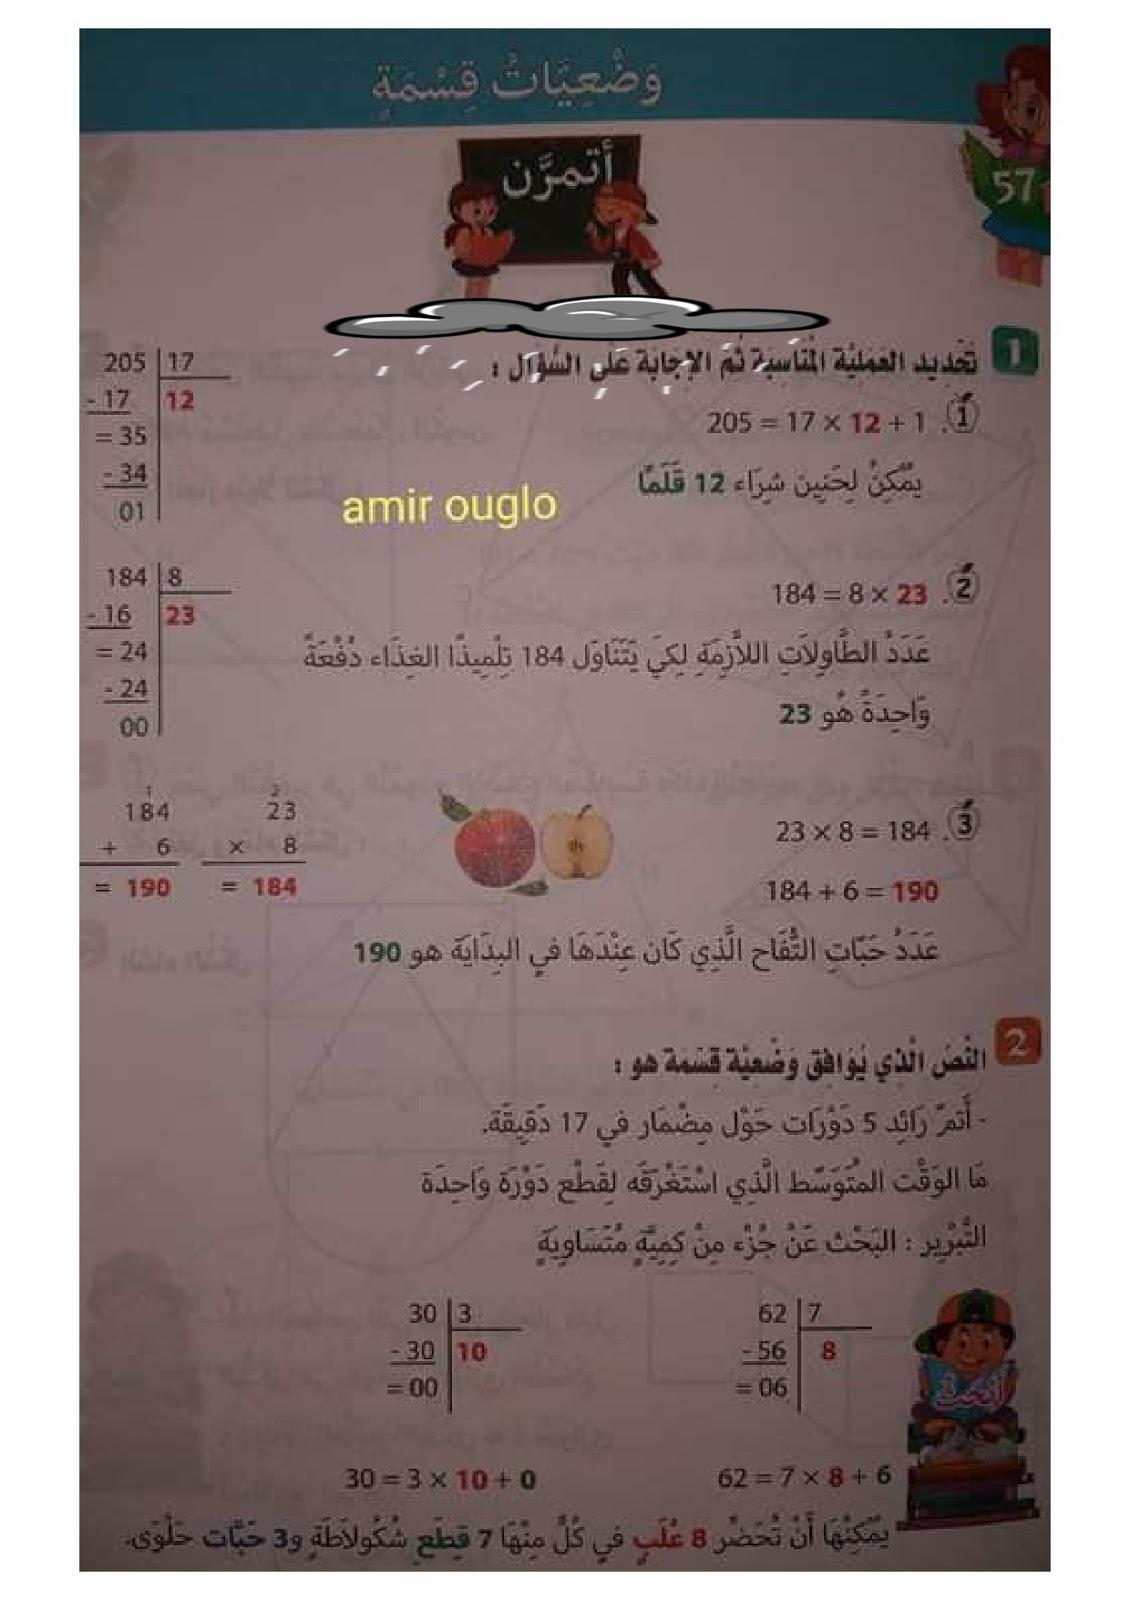 حلول تمارين صفحة 57 من كراس النشاطات في مادة الرياضيات للسنة الخامسة ابتدائي الجيل الثاني 4